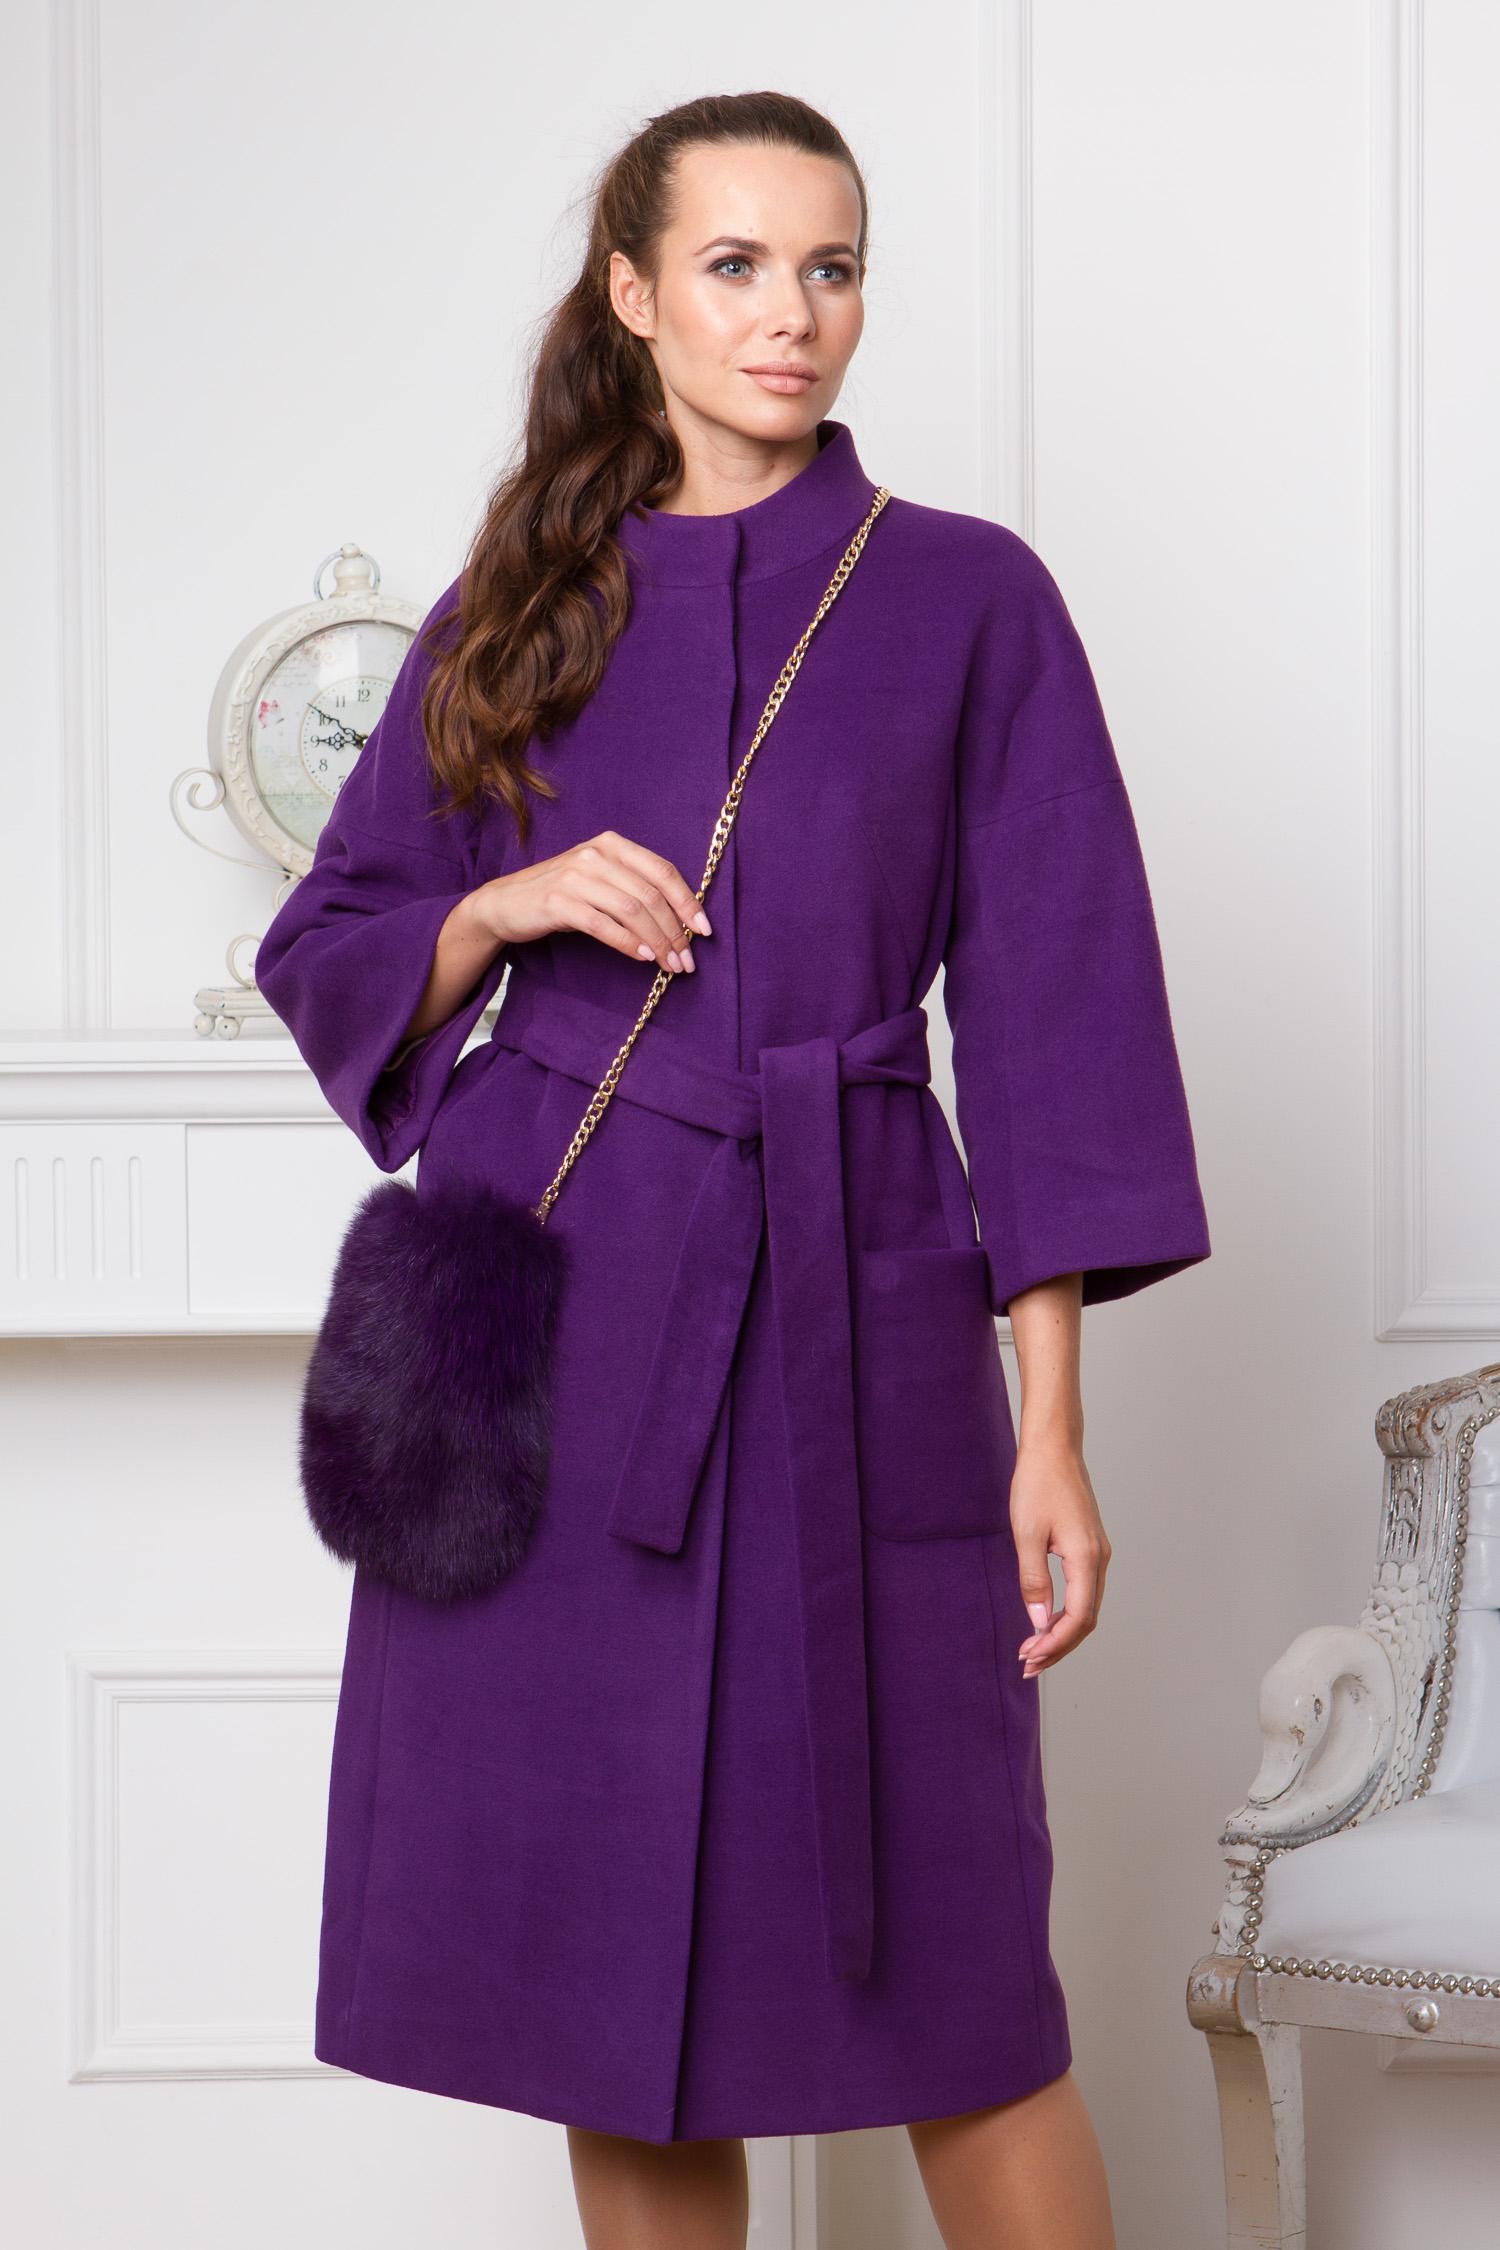 Женское пальто с воротником, отделка песец<br><br>Воротник: стойка<br>Длина см: Длинная (свыше 90)<br>Материал: Текстиль<br>Цвет: фиолетовый<br>Вид застежки: потайная<br>Застежка: на кнопки<br>Пол: Женский<br>Размер RU: 52